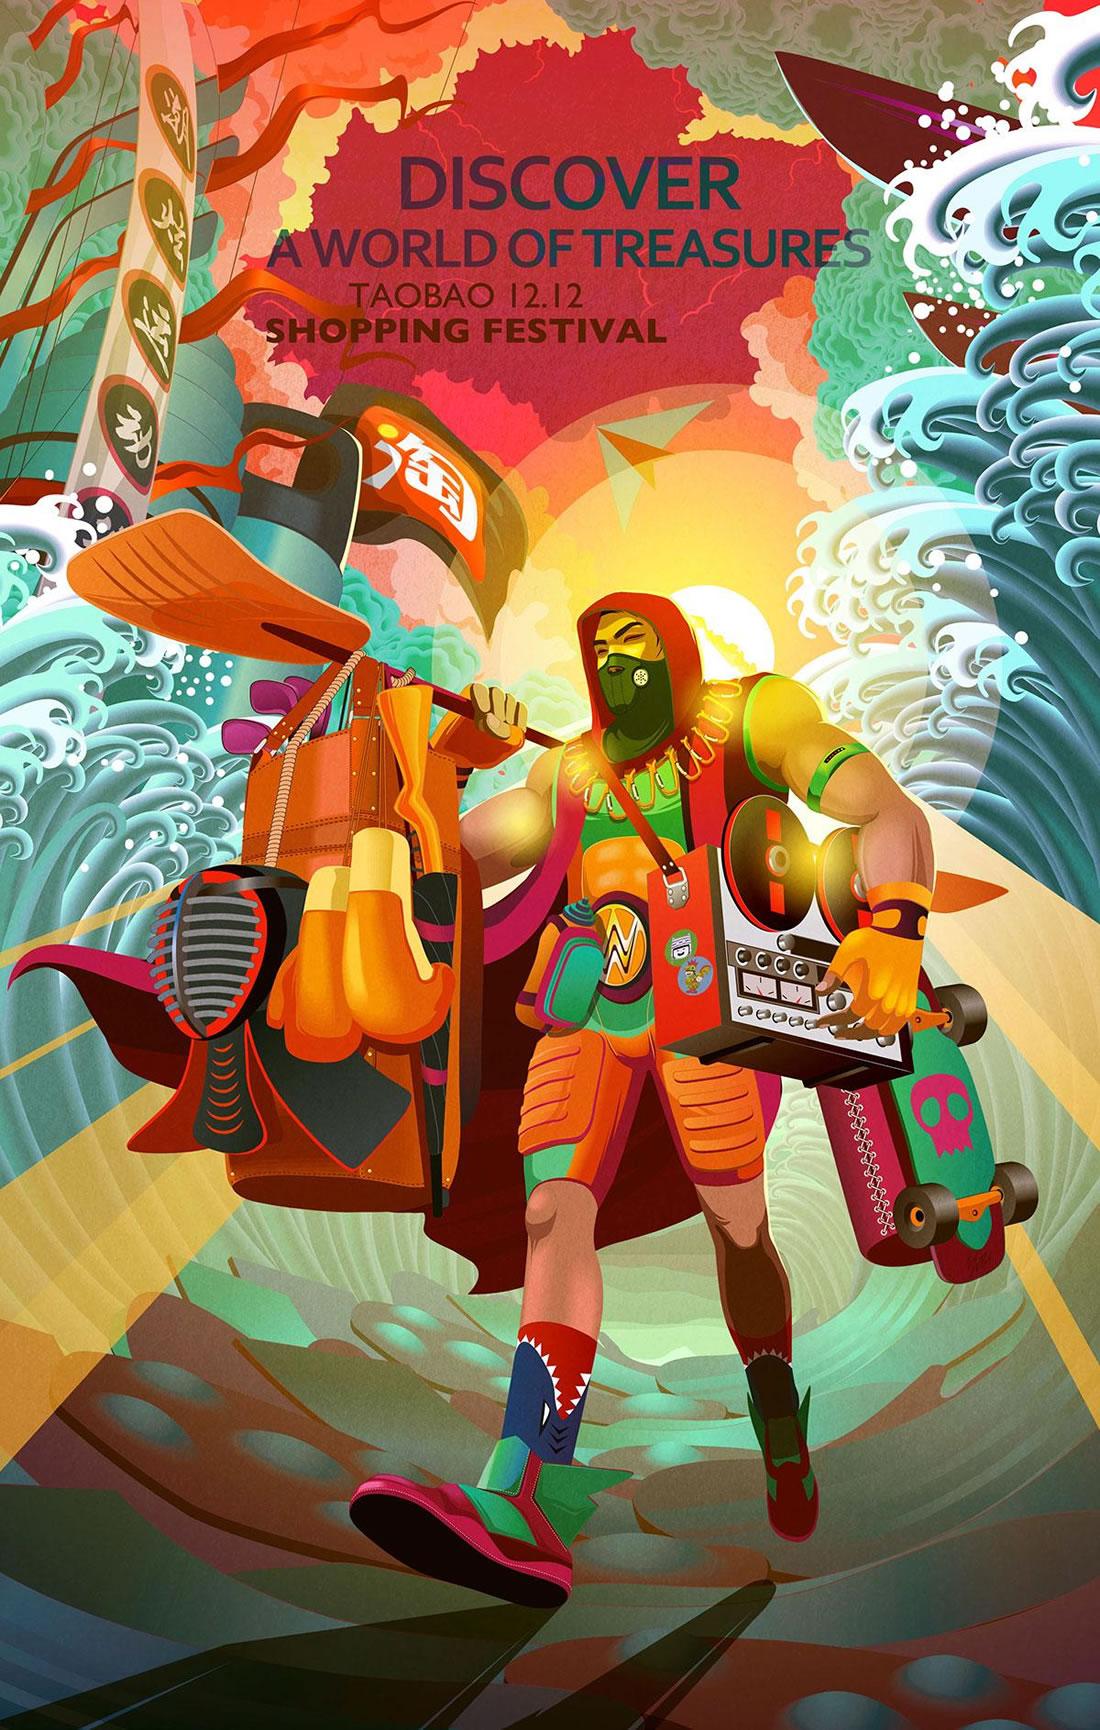 Inspiration - 130 Affiches Publicitaires Graphiques de Mars 2018 17